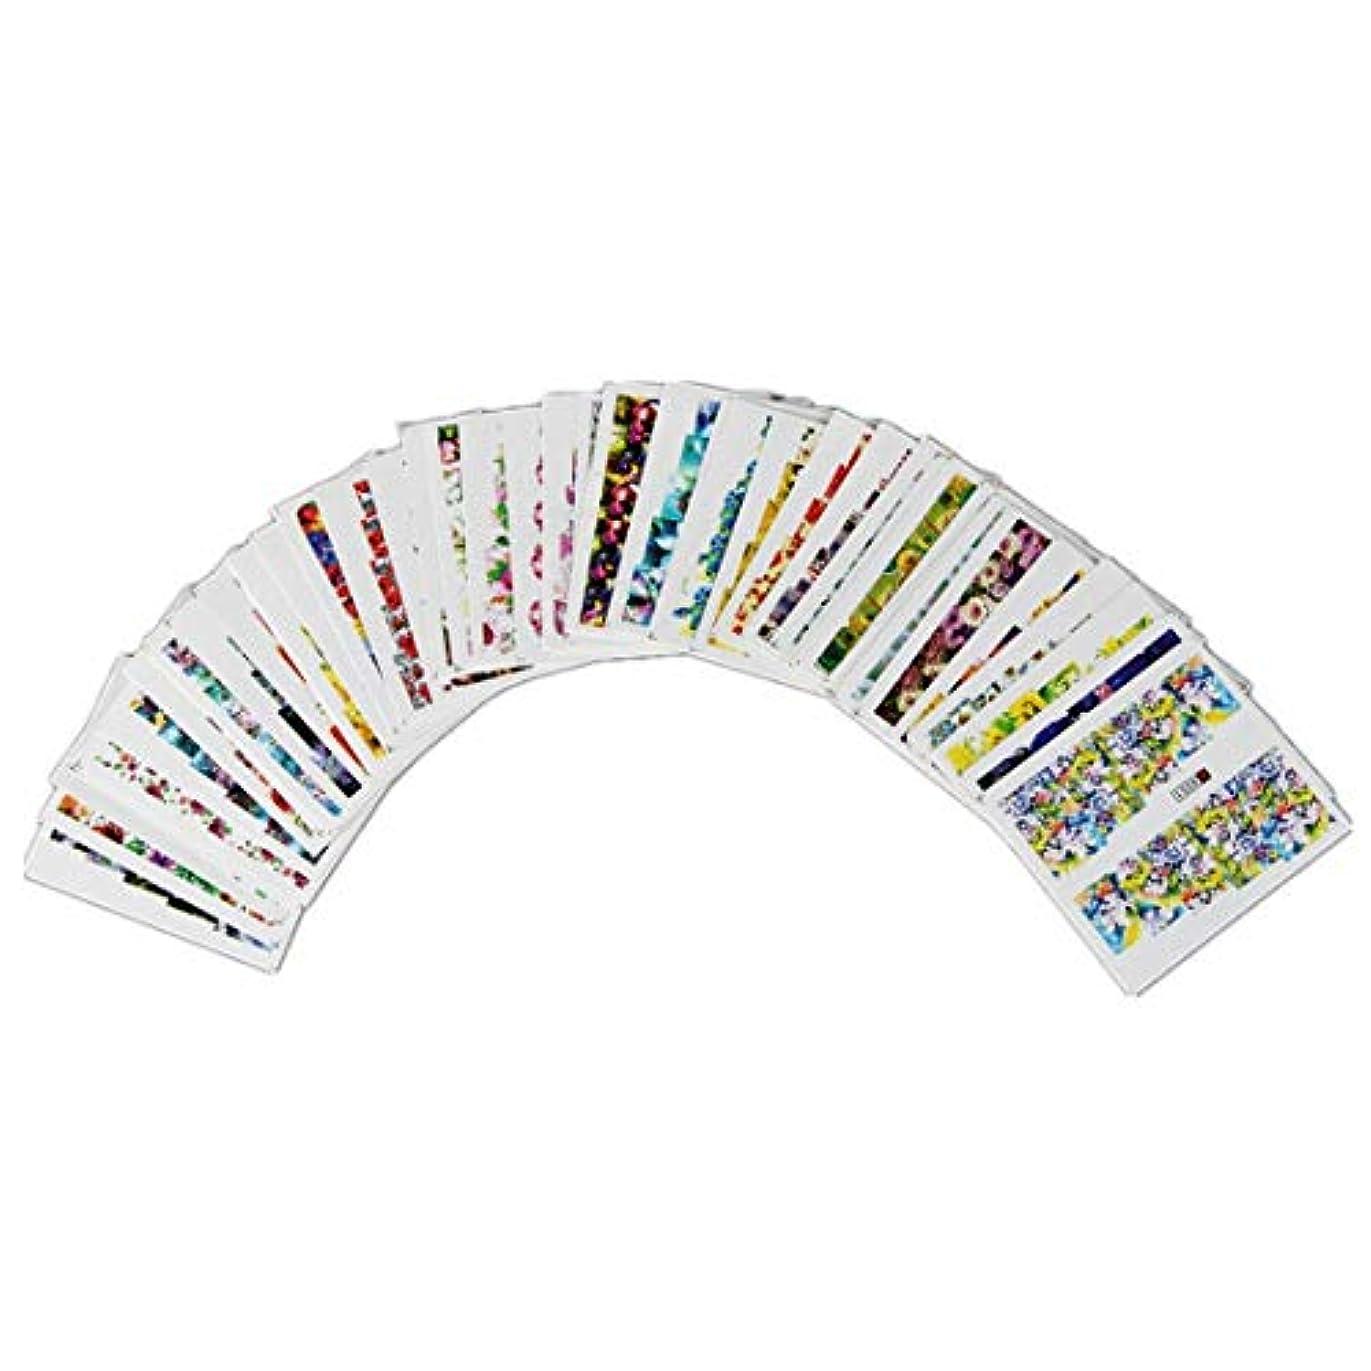 価値のないハッチ芸術Kerwinner 50枚ネイルステッカー盛り合わせパターン水転写花フラワーステッカーセット女性用爪の装飾ネイルデカールネイルアートアクセサリーマニキュアチャームヒント